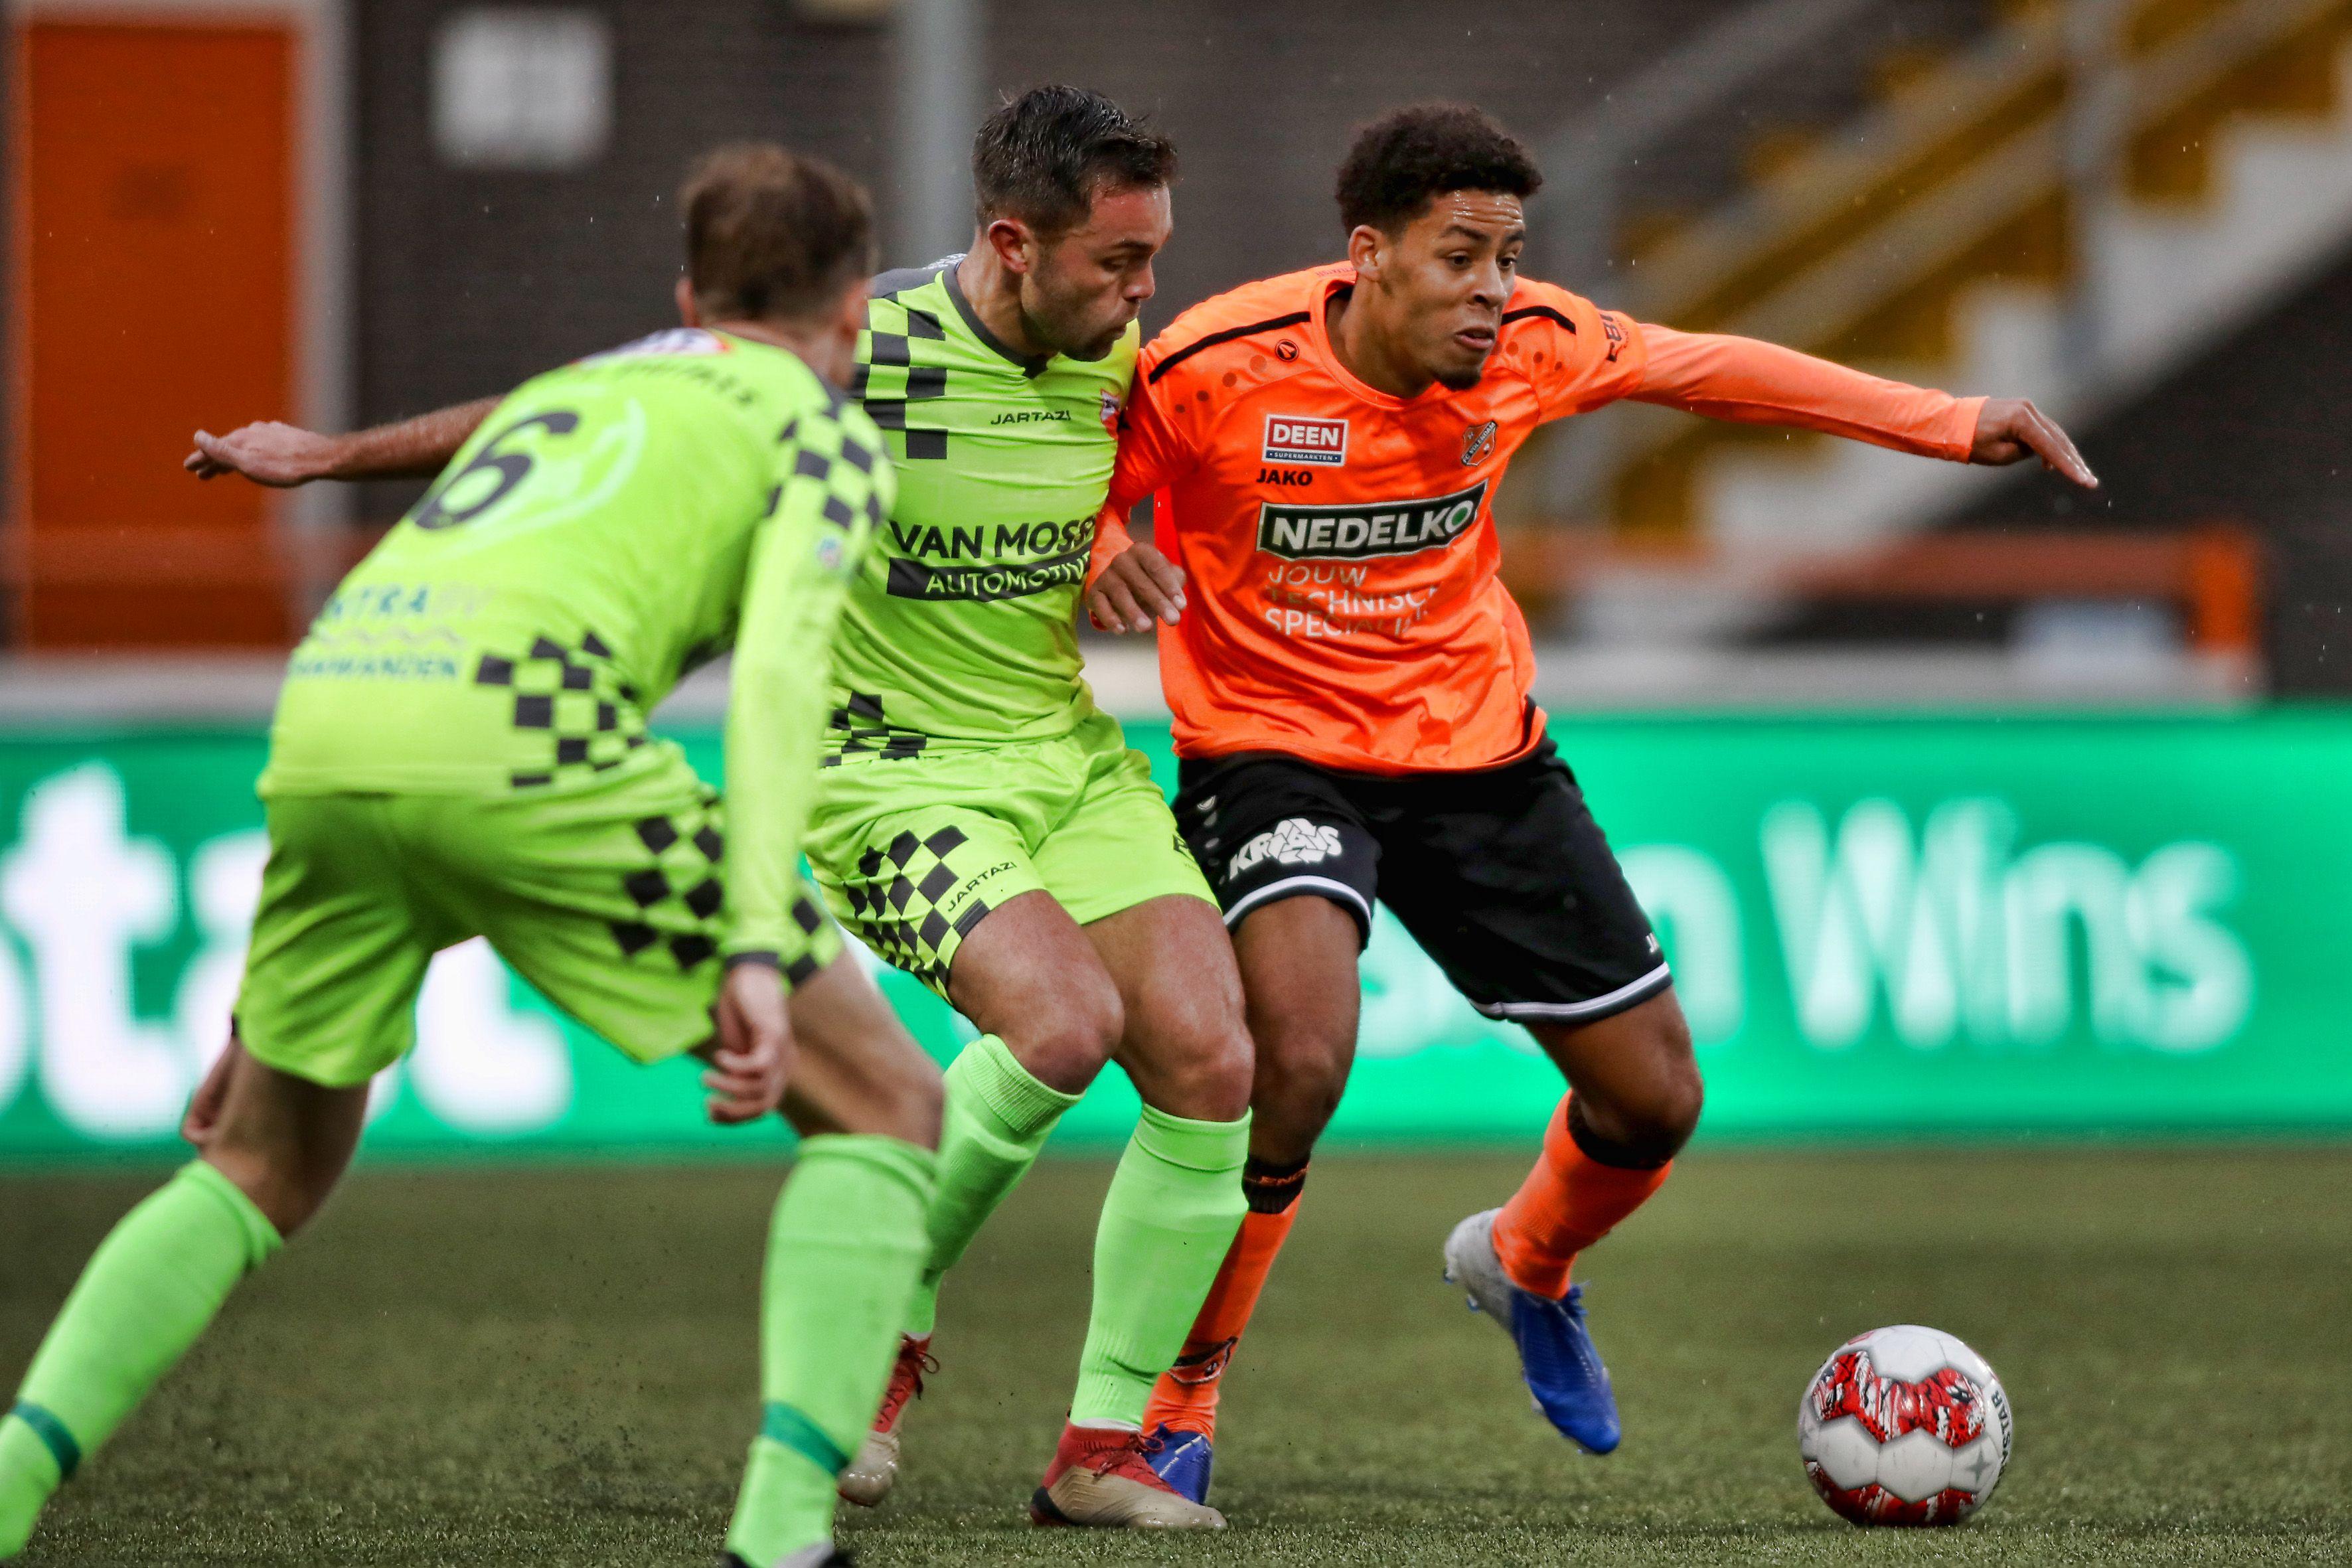 Onverdiende nederlaag Jong FC Volendam